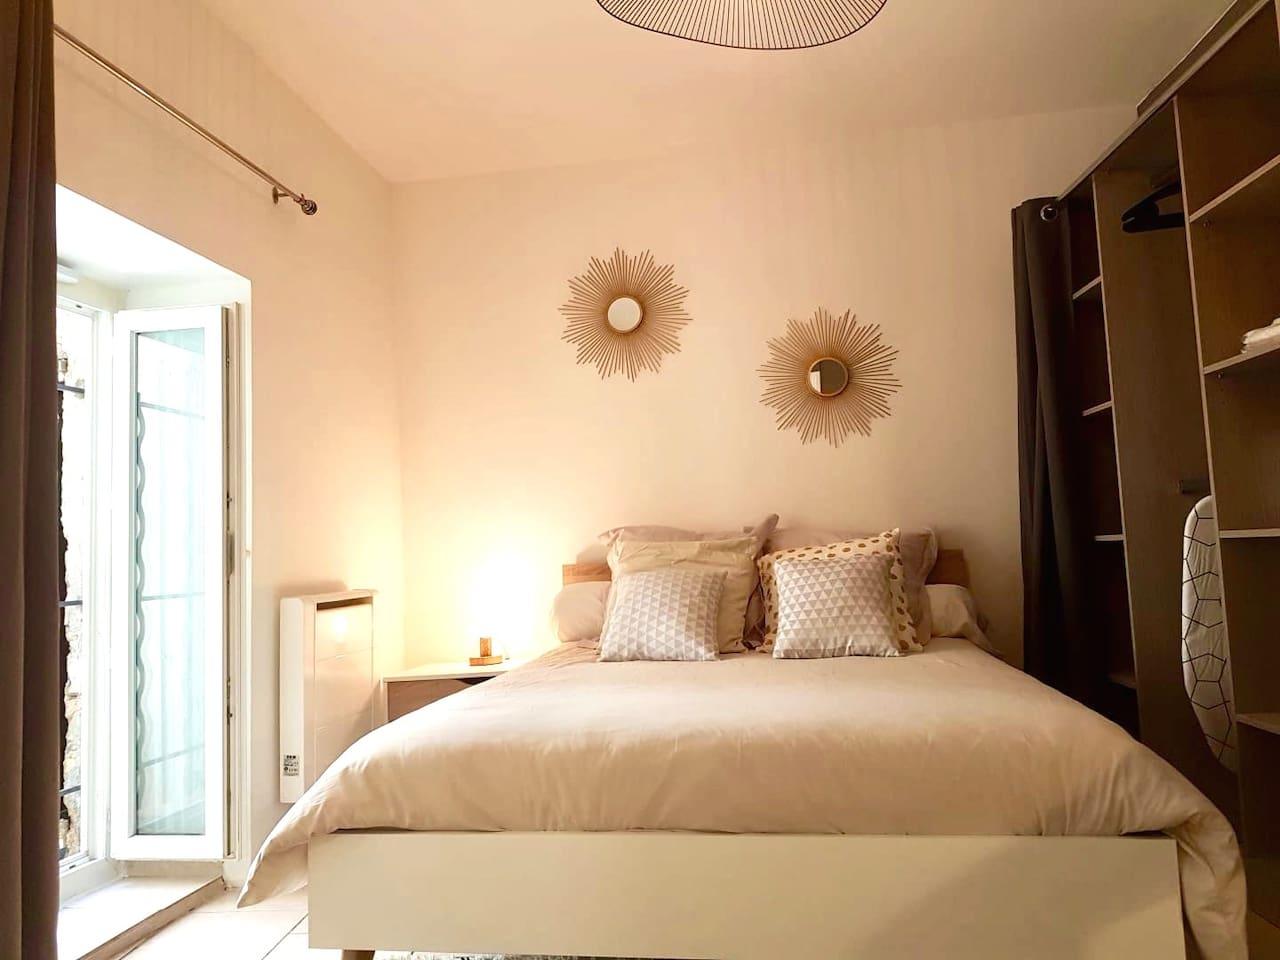 Le Pti CROCO - Une chambre confortable dans le centre ville de Nîmes